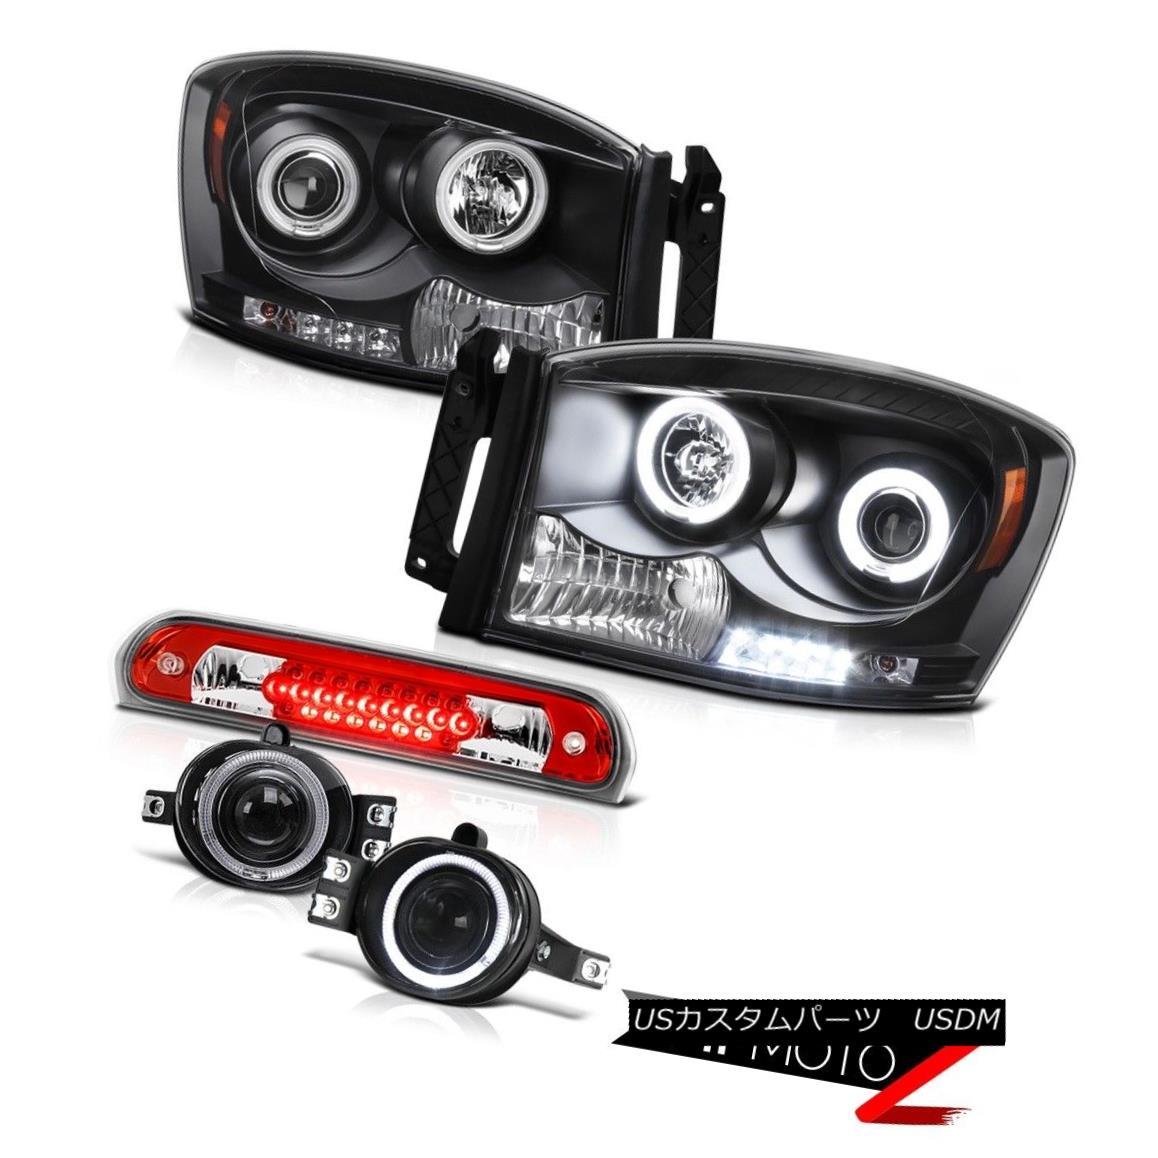 ヘッドライト Angel Eye CCFL Headlamps Projector Bumper Fog High Stop LED 07 08 Ram PowerTech エンジェルアイCCFLヘッドランププロジェクターバンパーフォグハイストップLED 07 08 Ram PowerTech